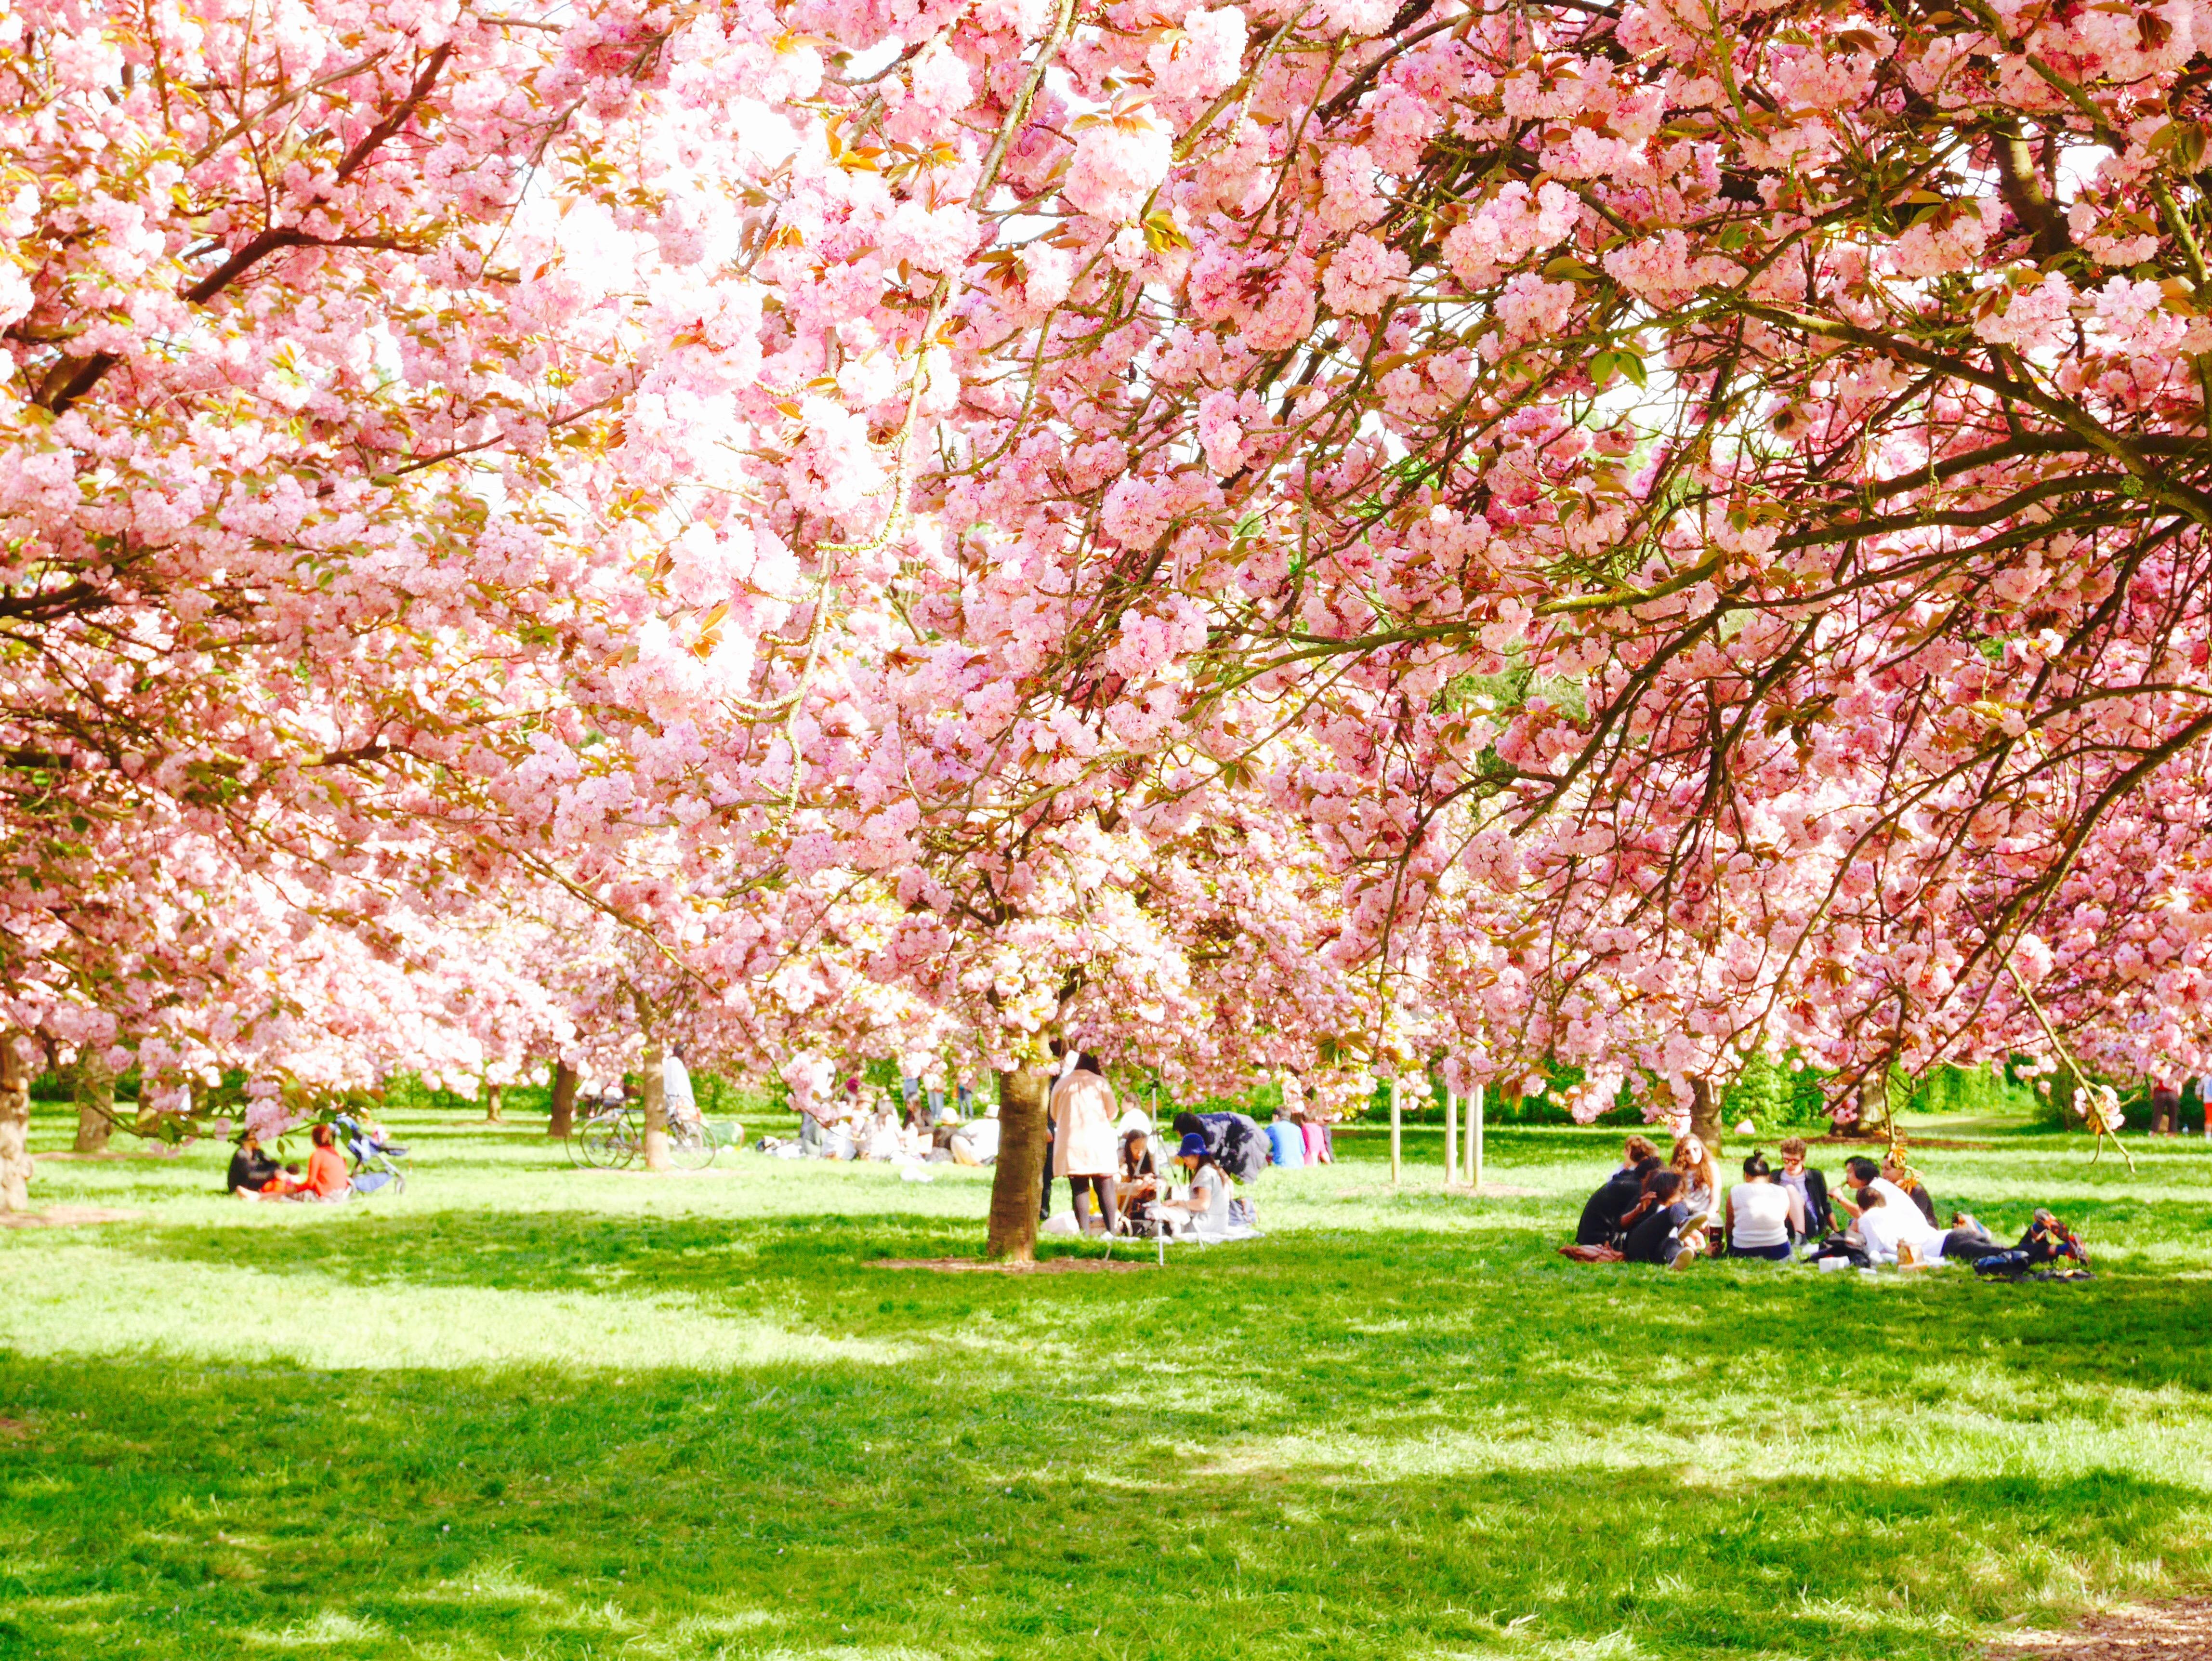 Hanami au parc de sceaux les petites choses blog - Parc de sceaux cerisiers en fleurs 2017 ...